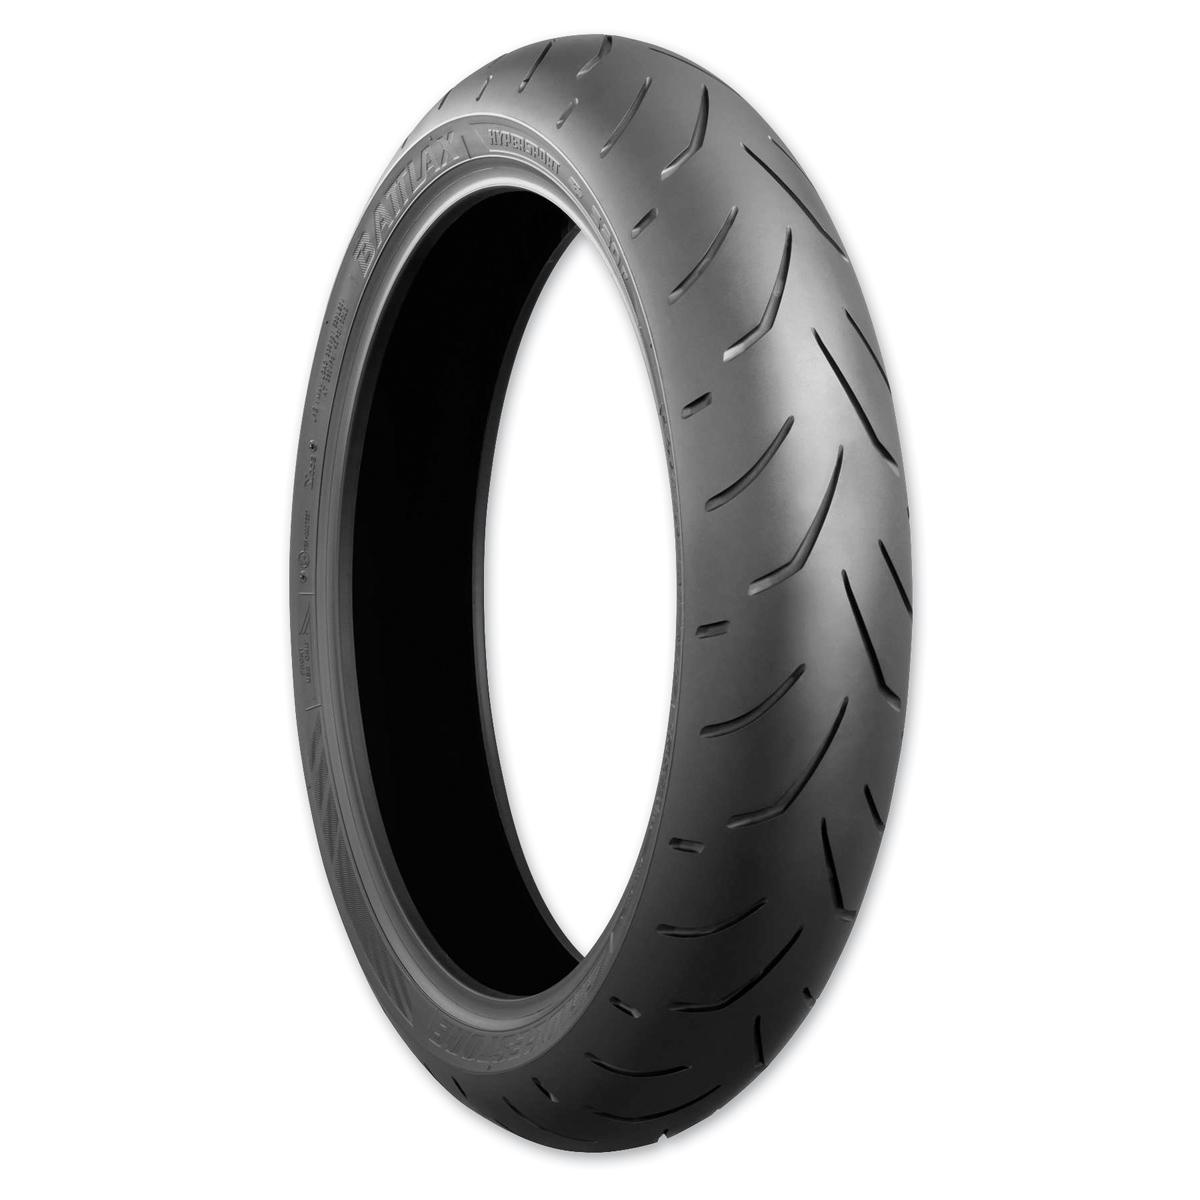 Bridgestone S20 EVO 110/70R17 Front Tire